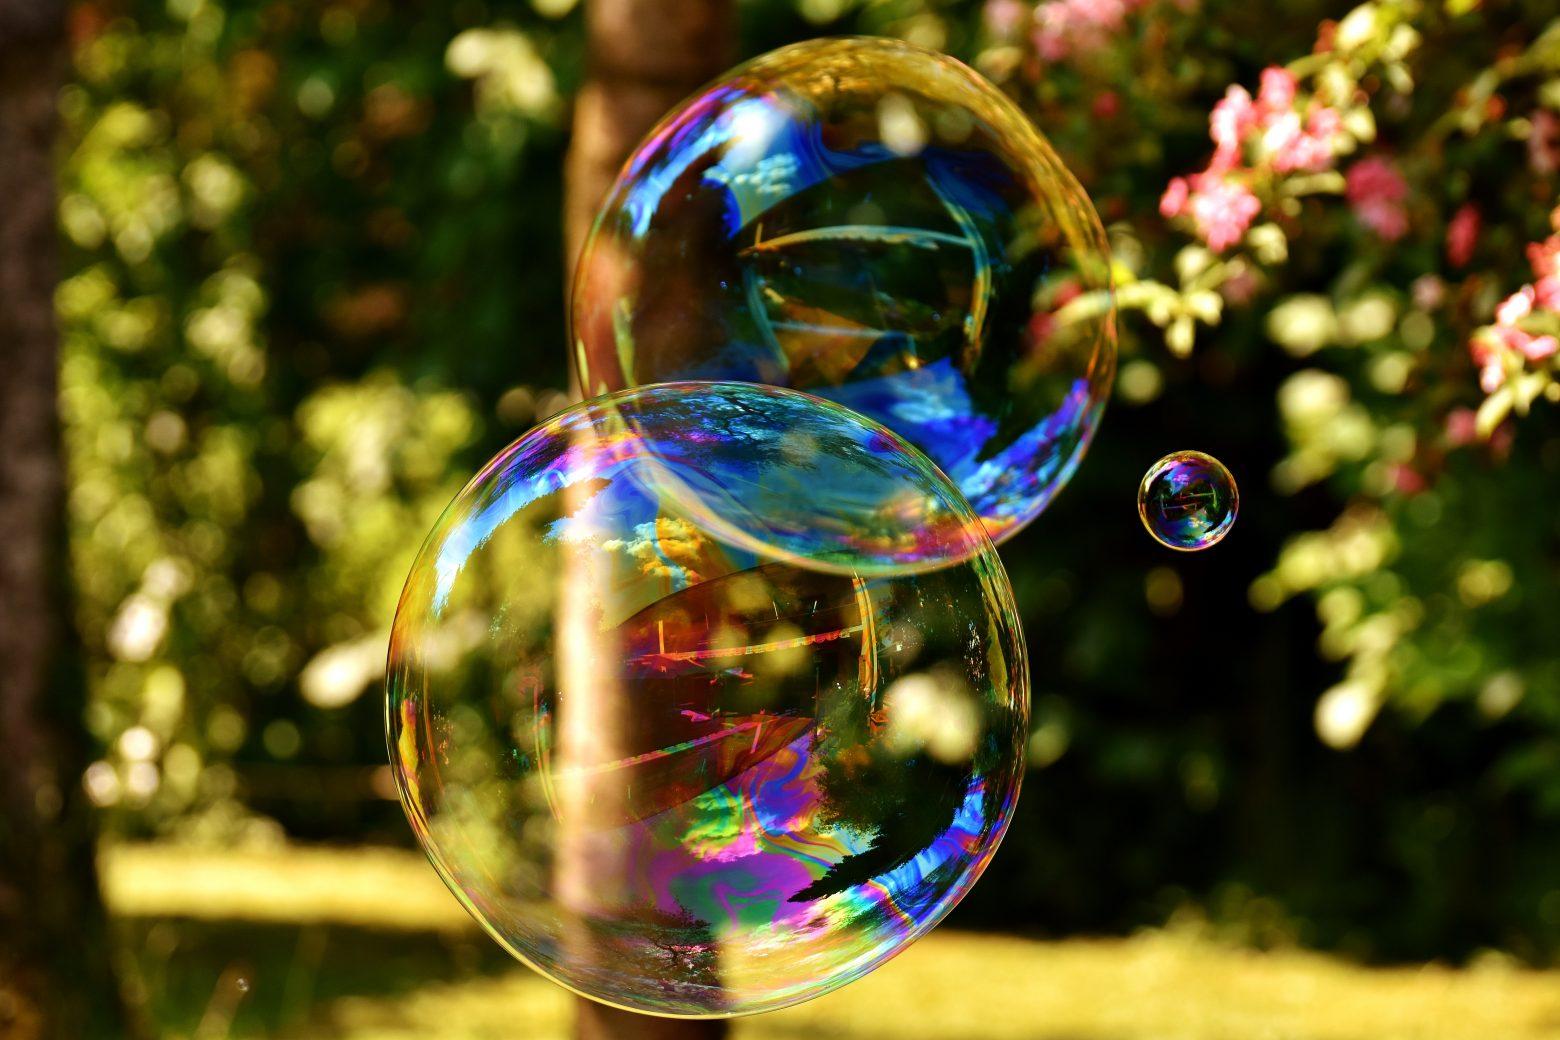 soap-bubble-2403673